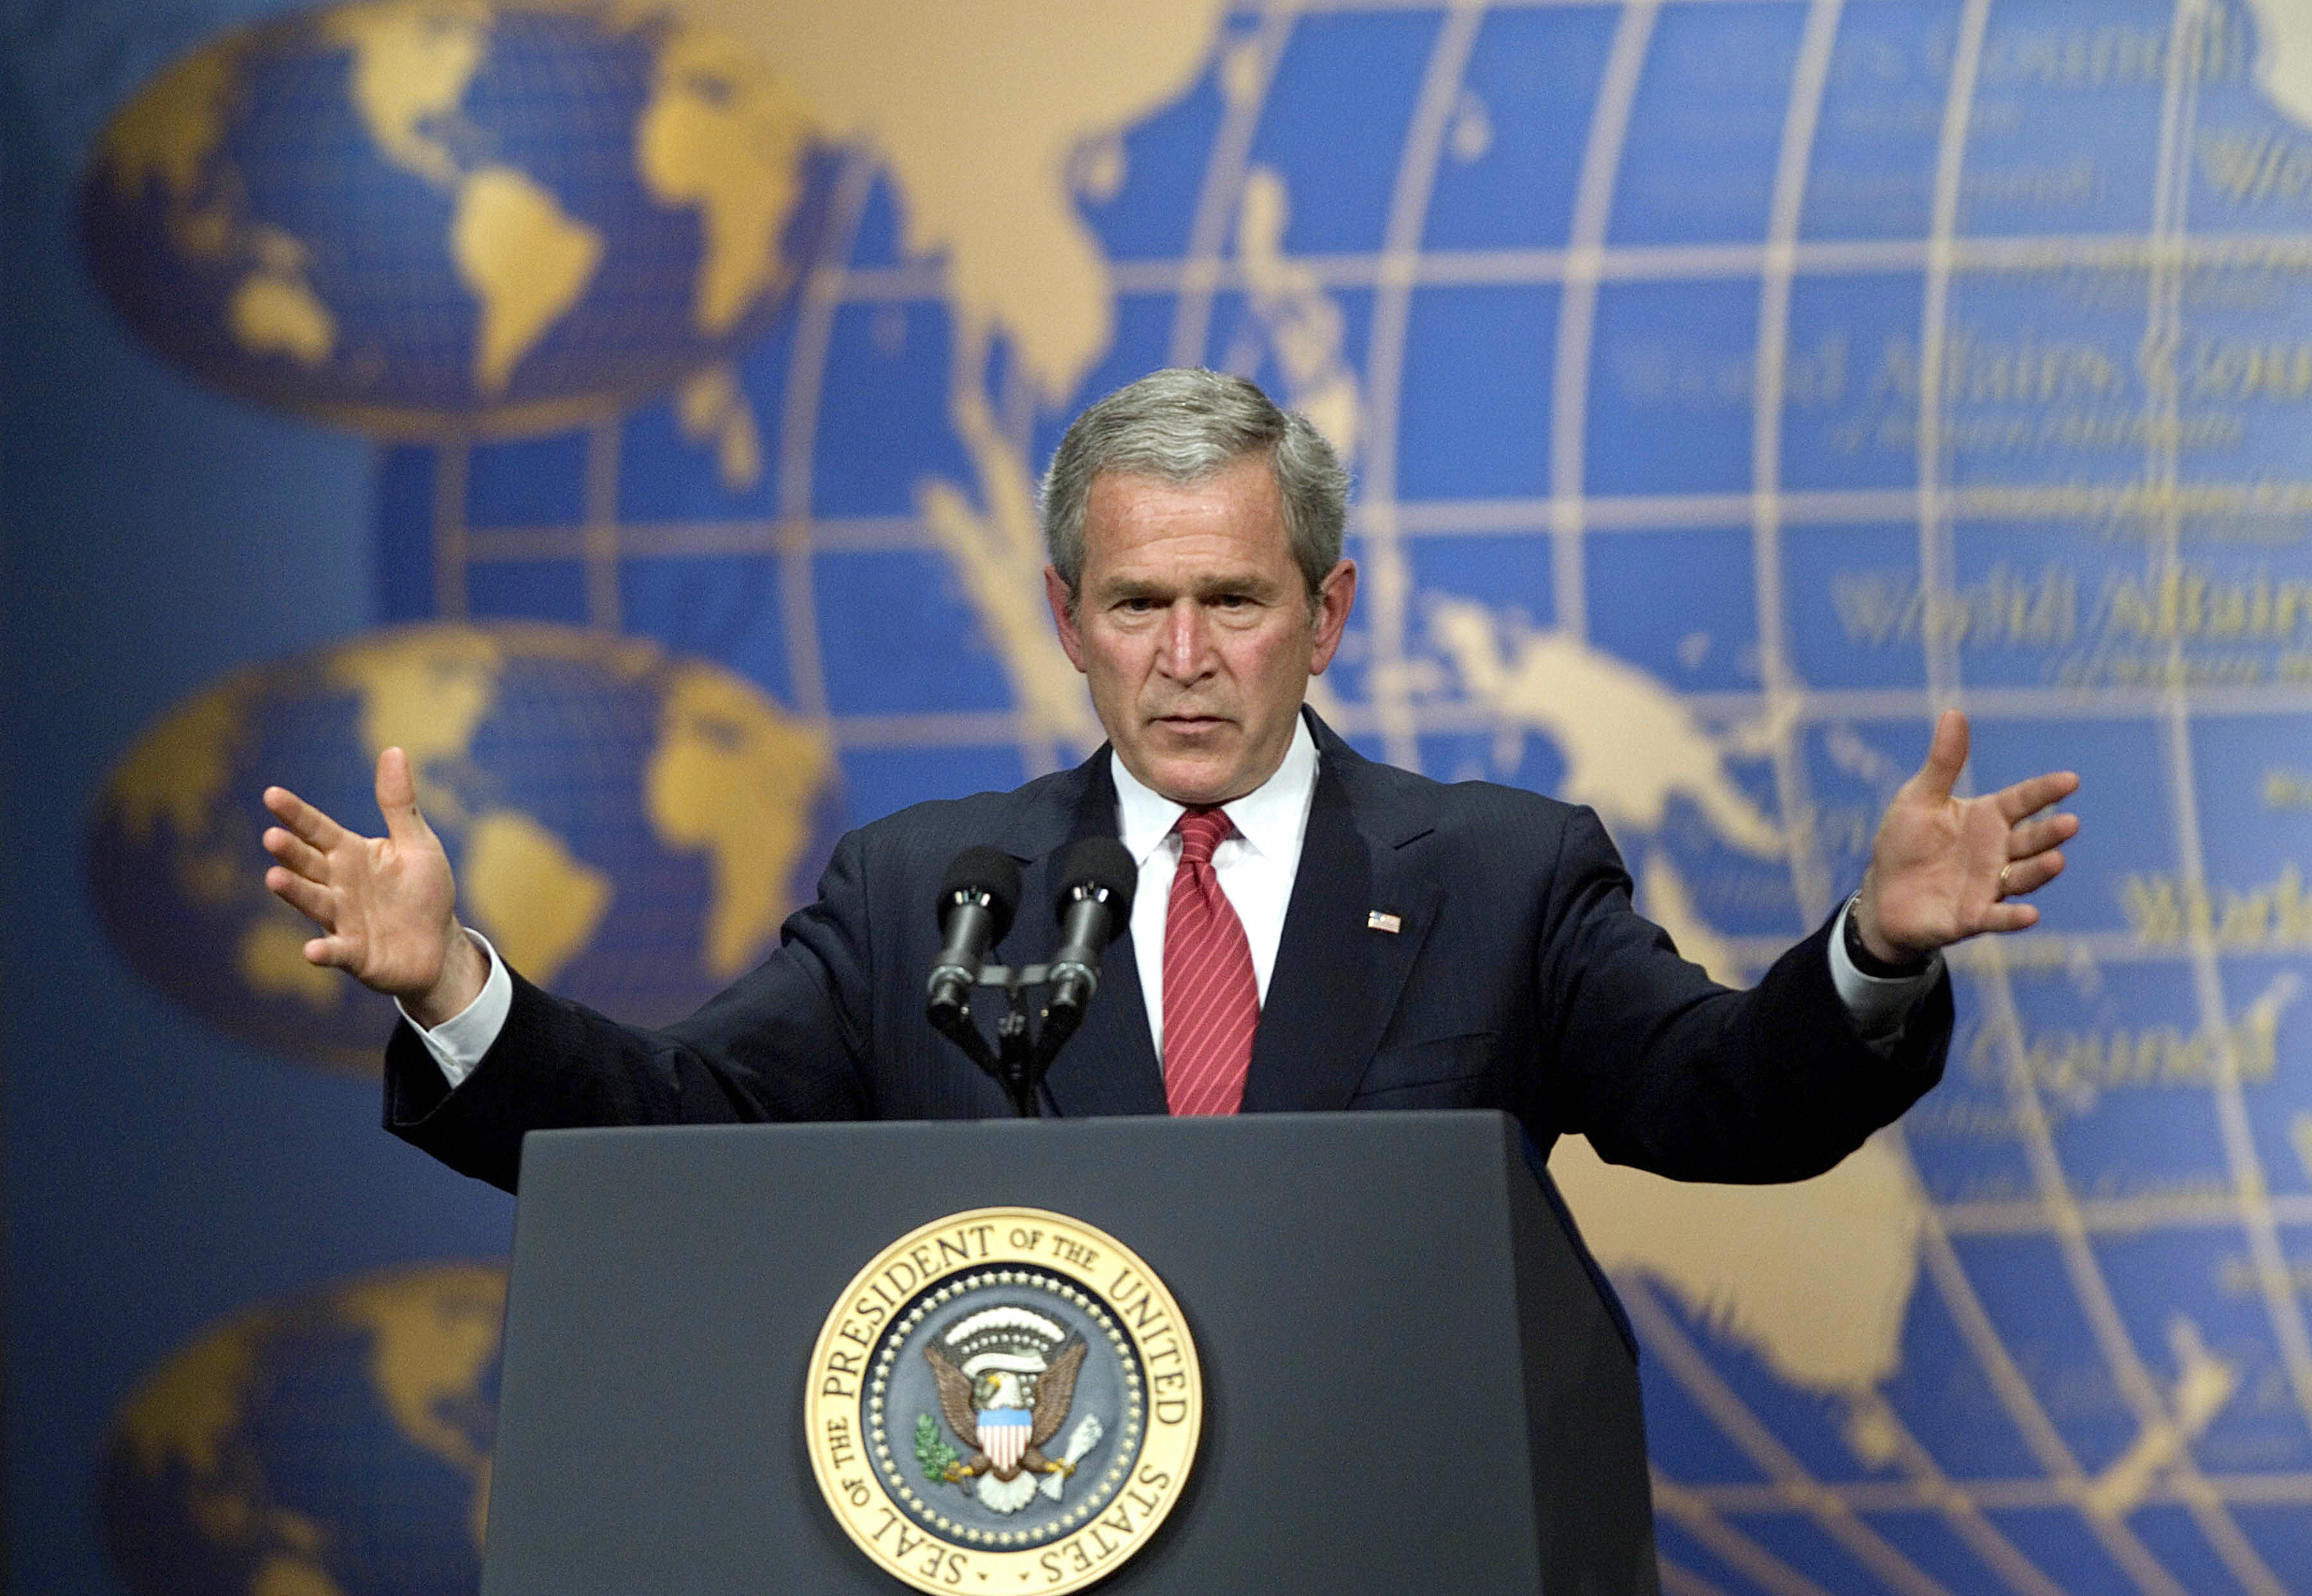 george w bush speaks